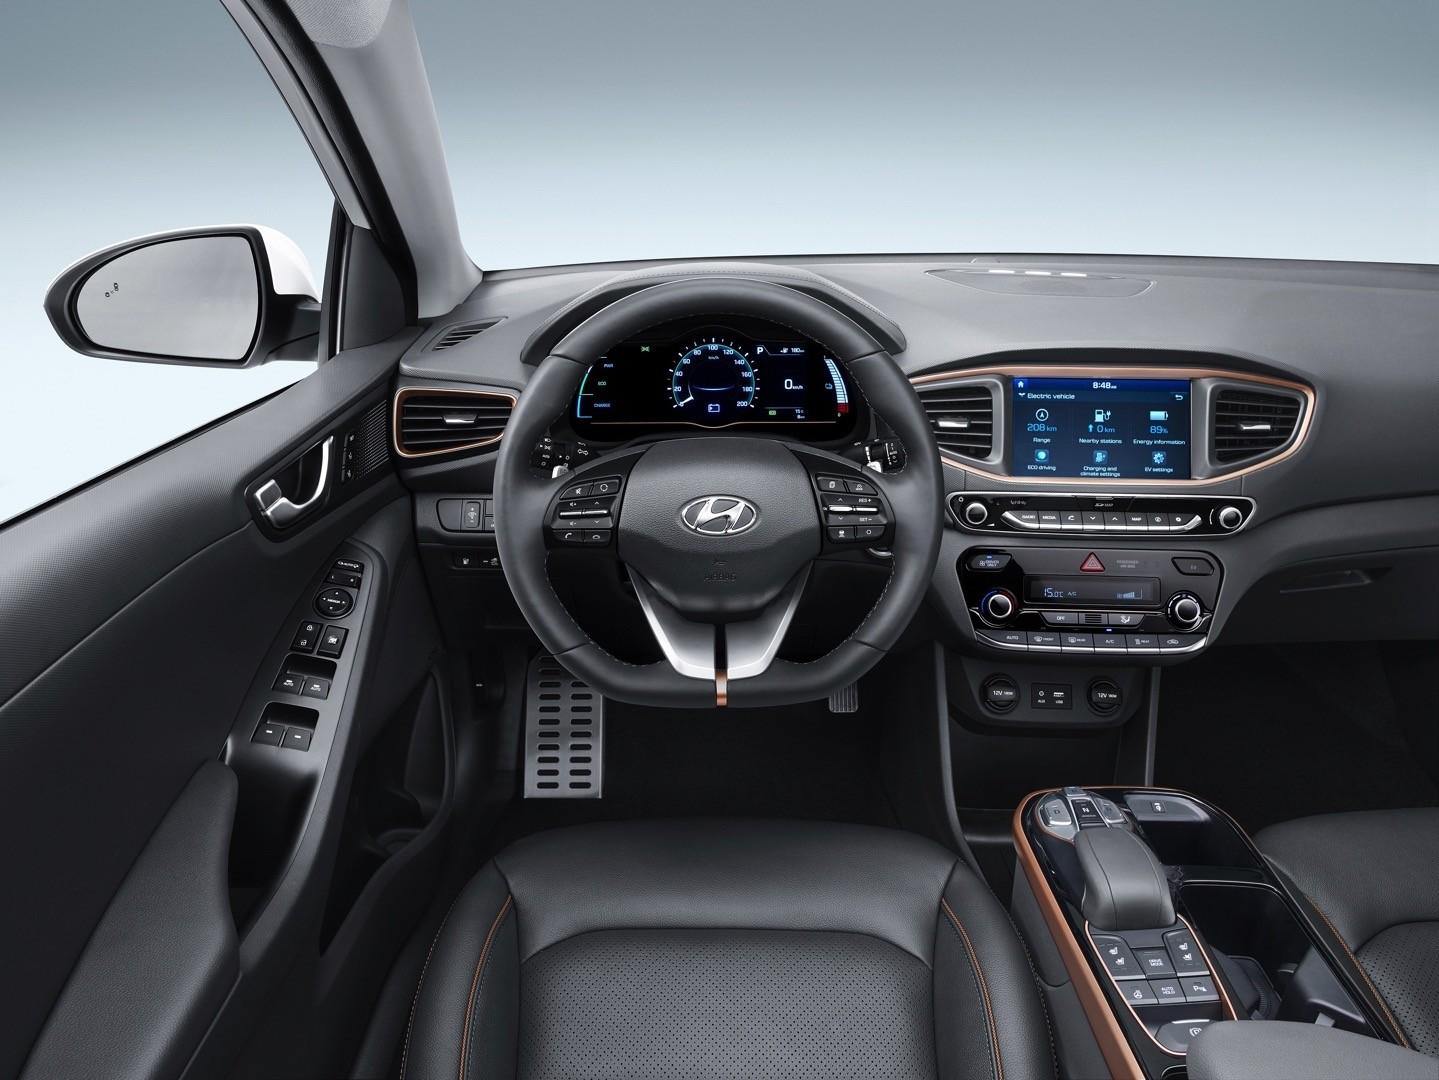 Hyundai Ioniq Electric Acceleration Test 0 To 50 Km H In 3 3